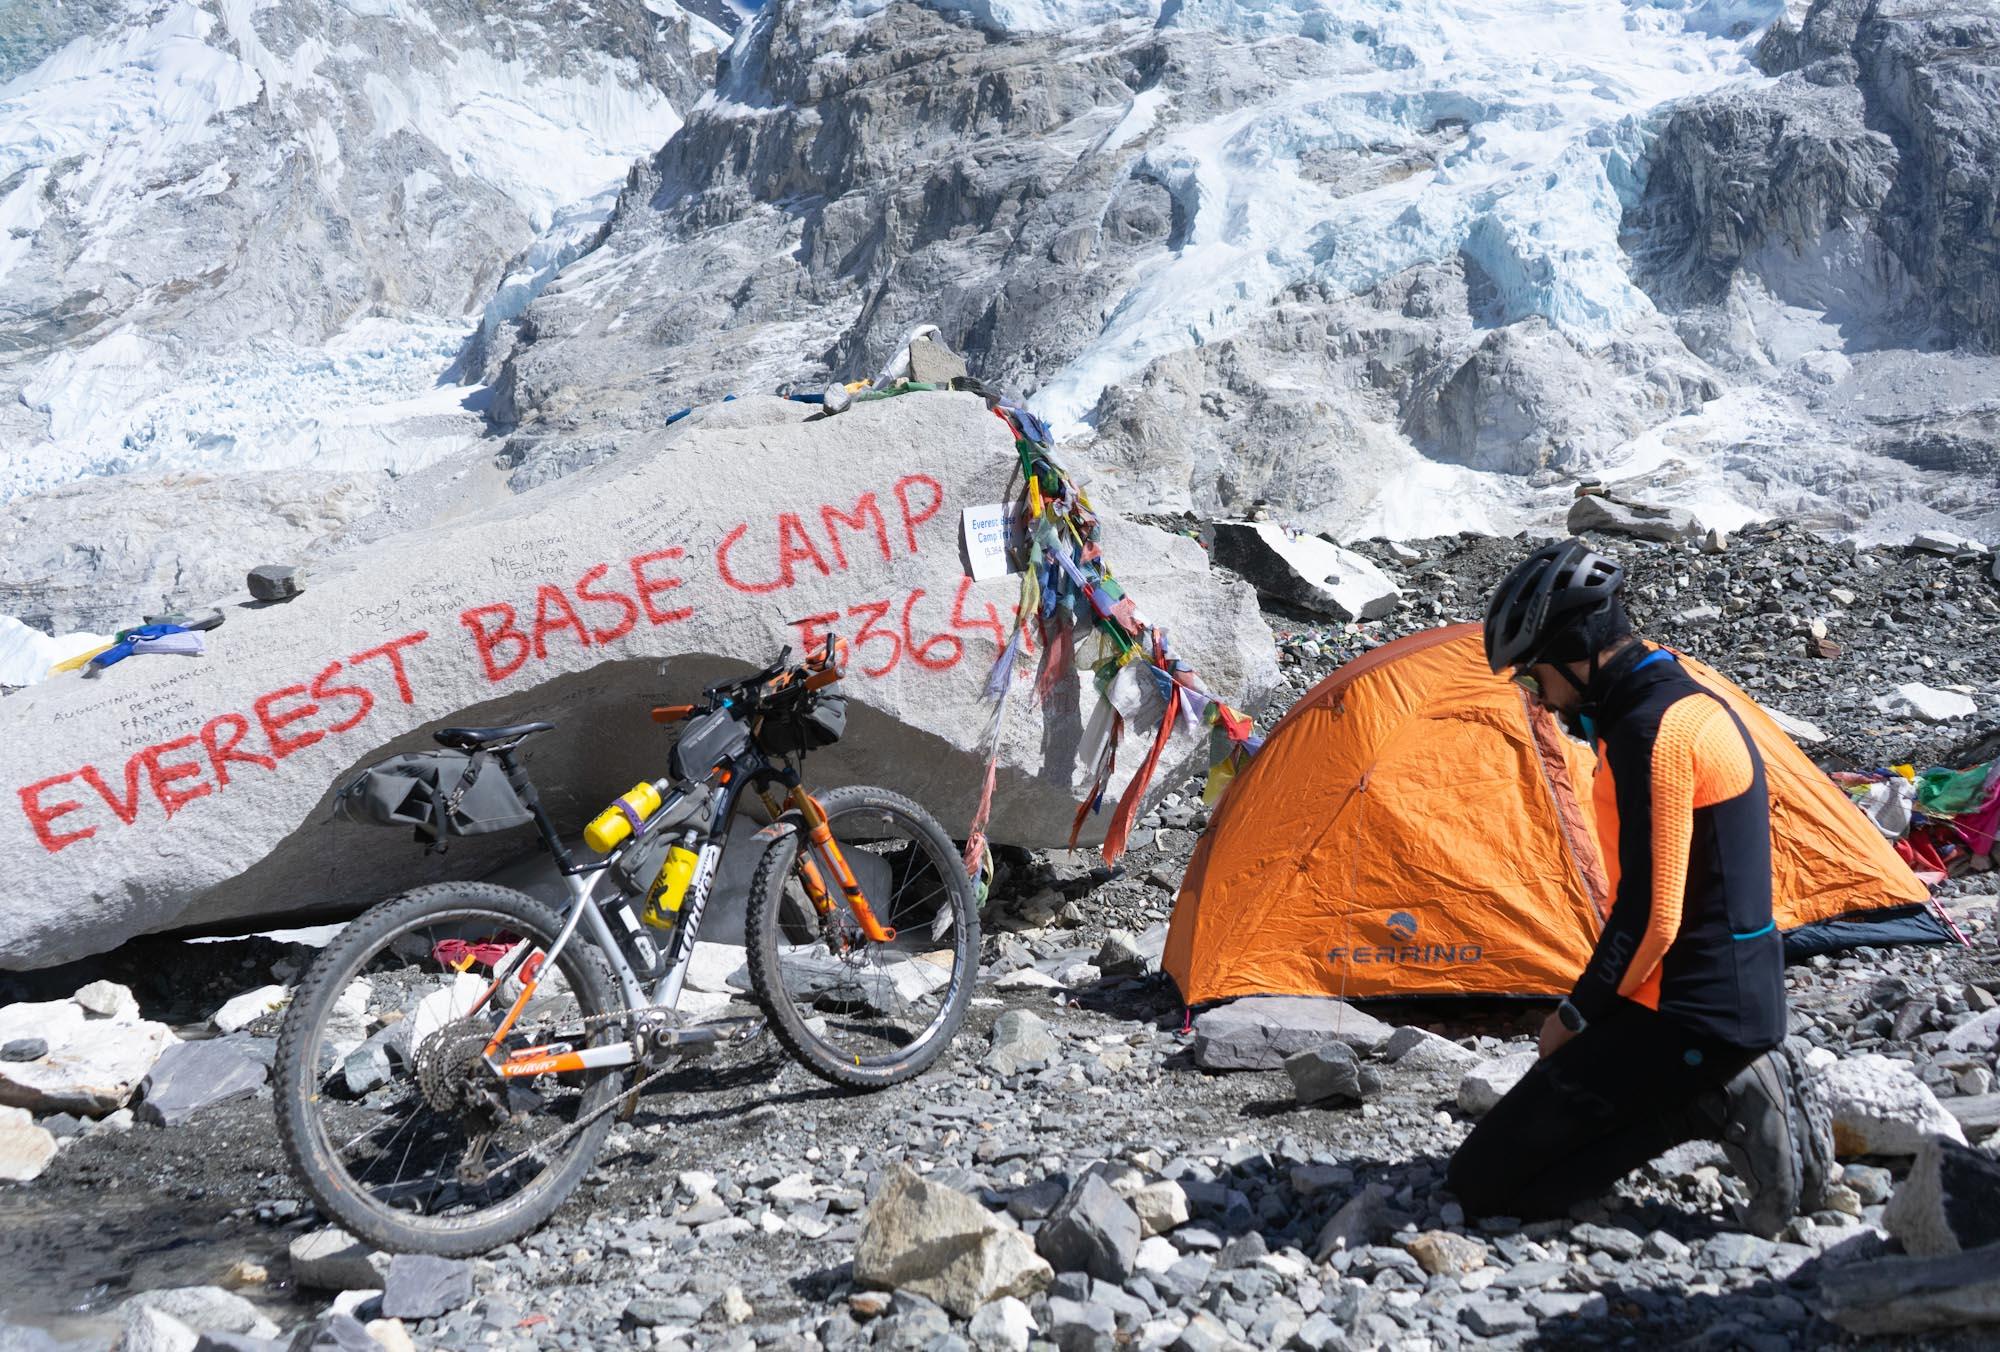 Solo-Winterdurchquerung des Himalayas mit dem Mountainbike erfolgreich